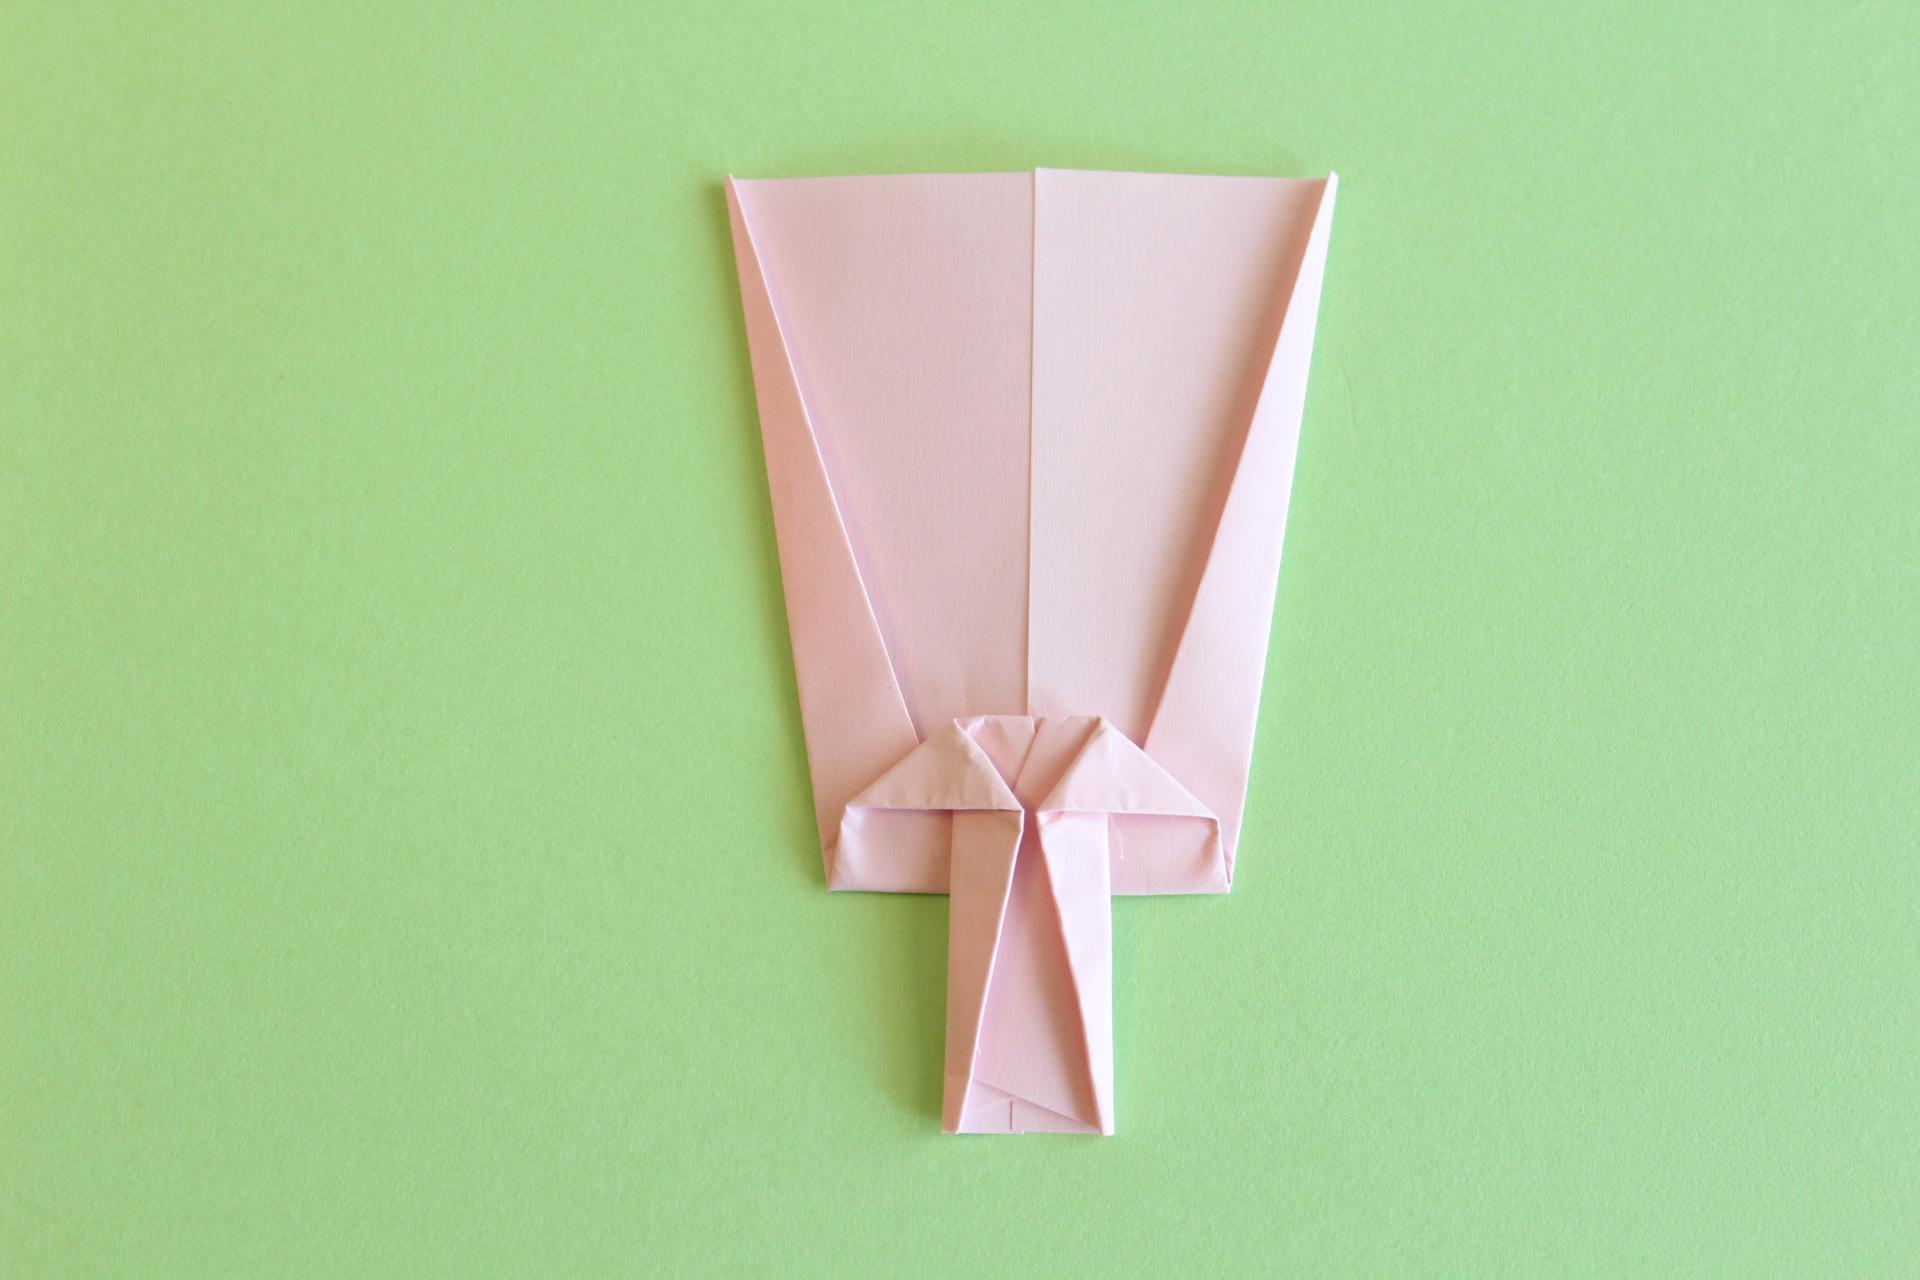 羽子板の折り方5